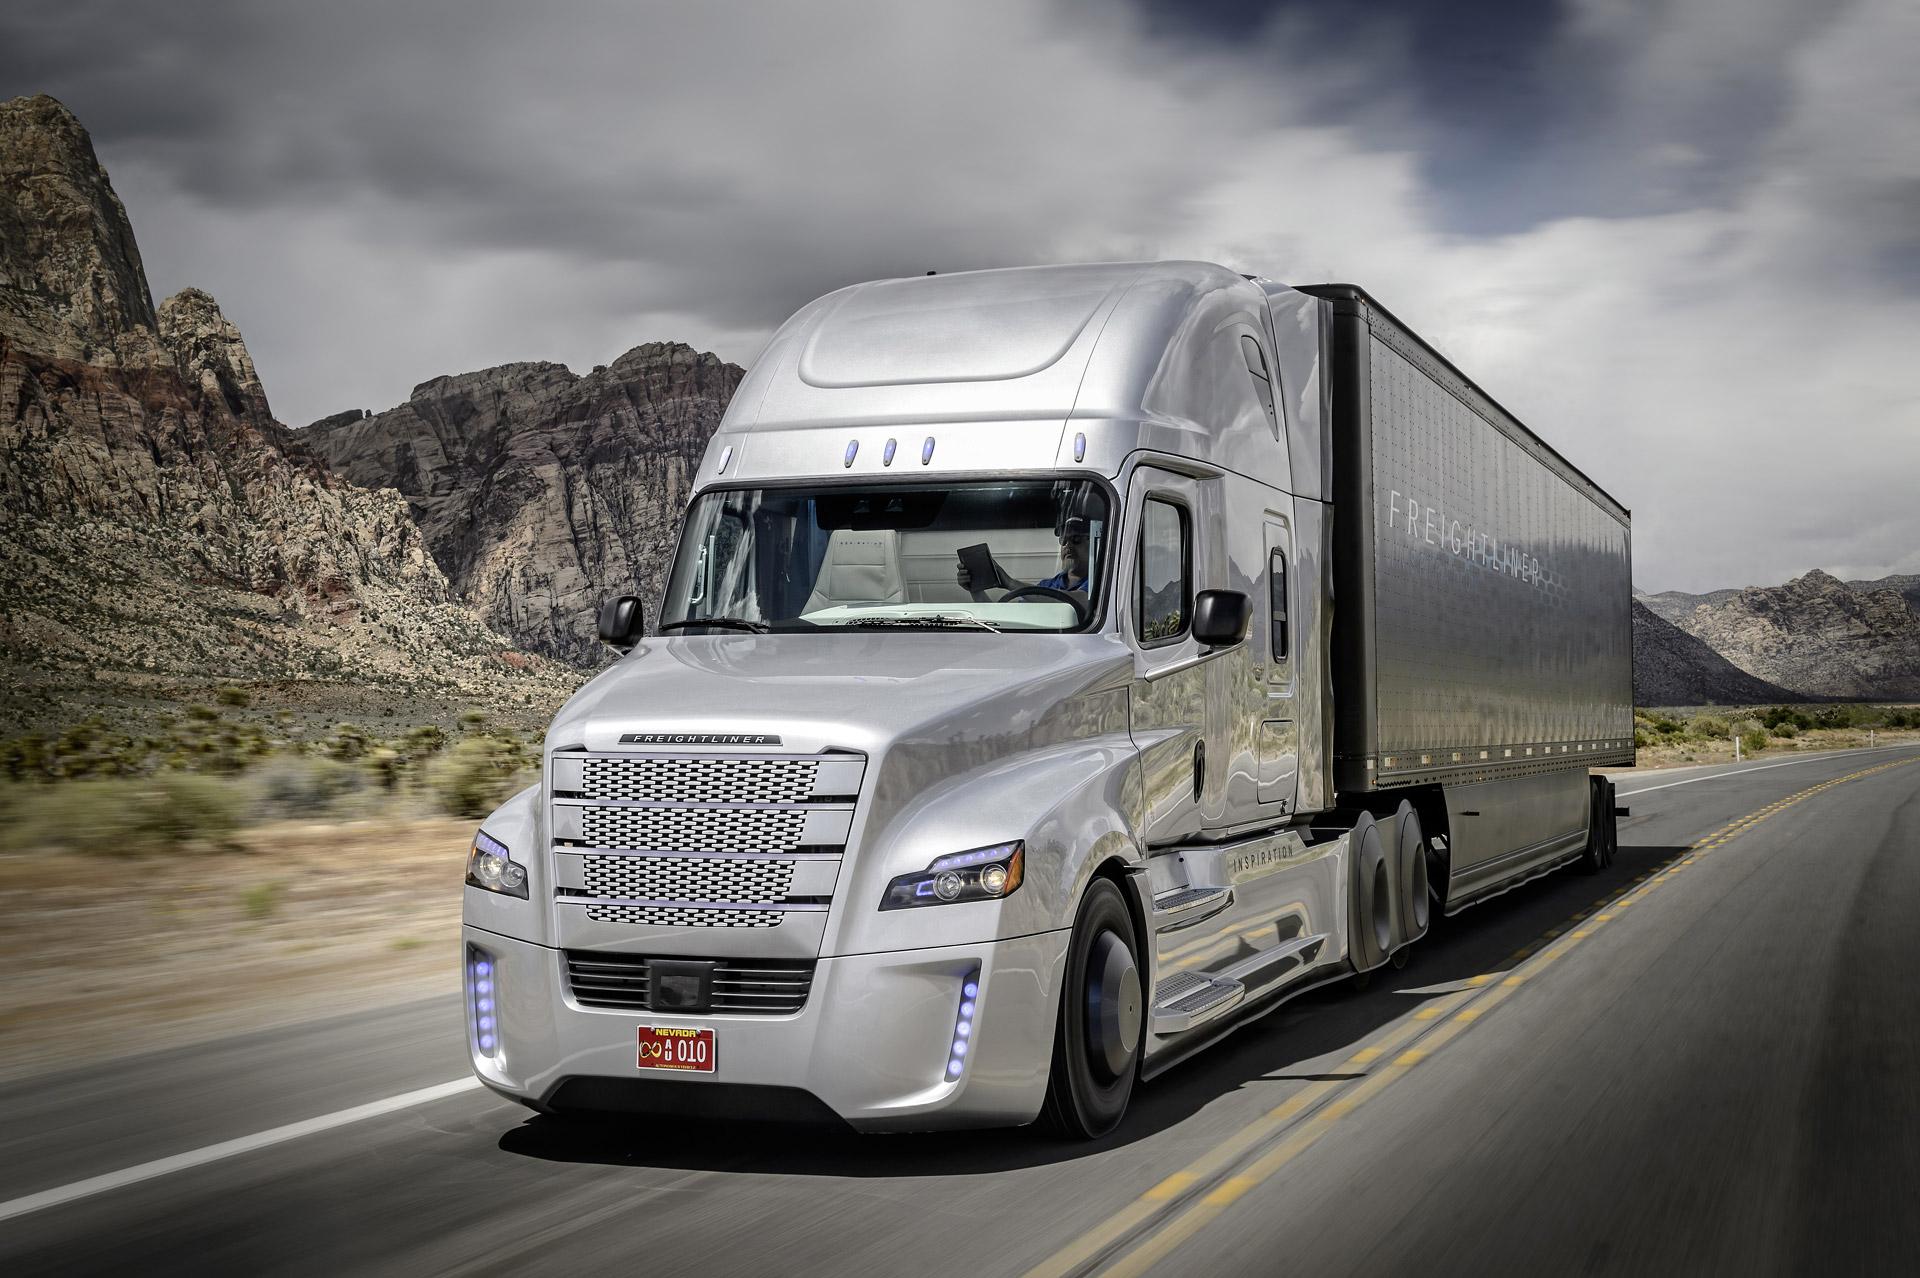 Daimler's Futuristic Self-Driving Truck Hits U.S. Roads: Video